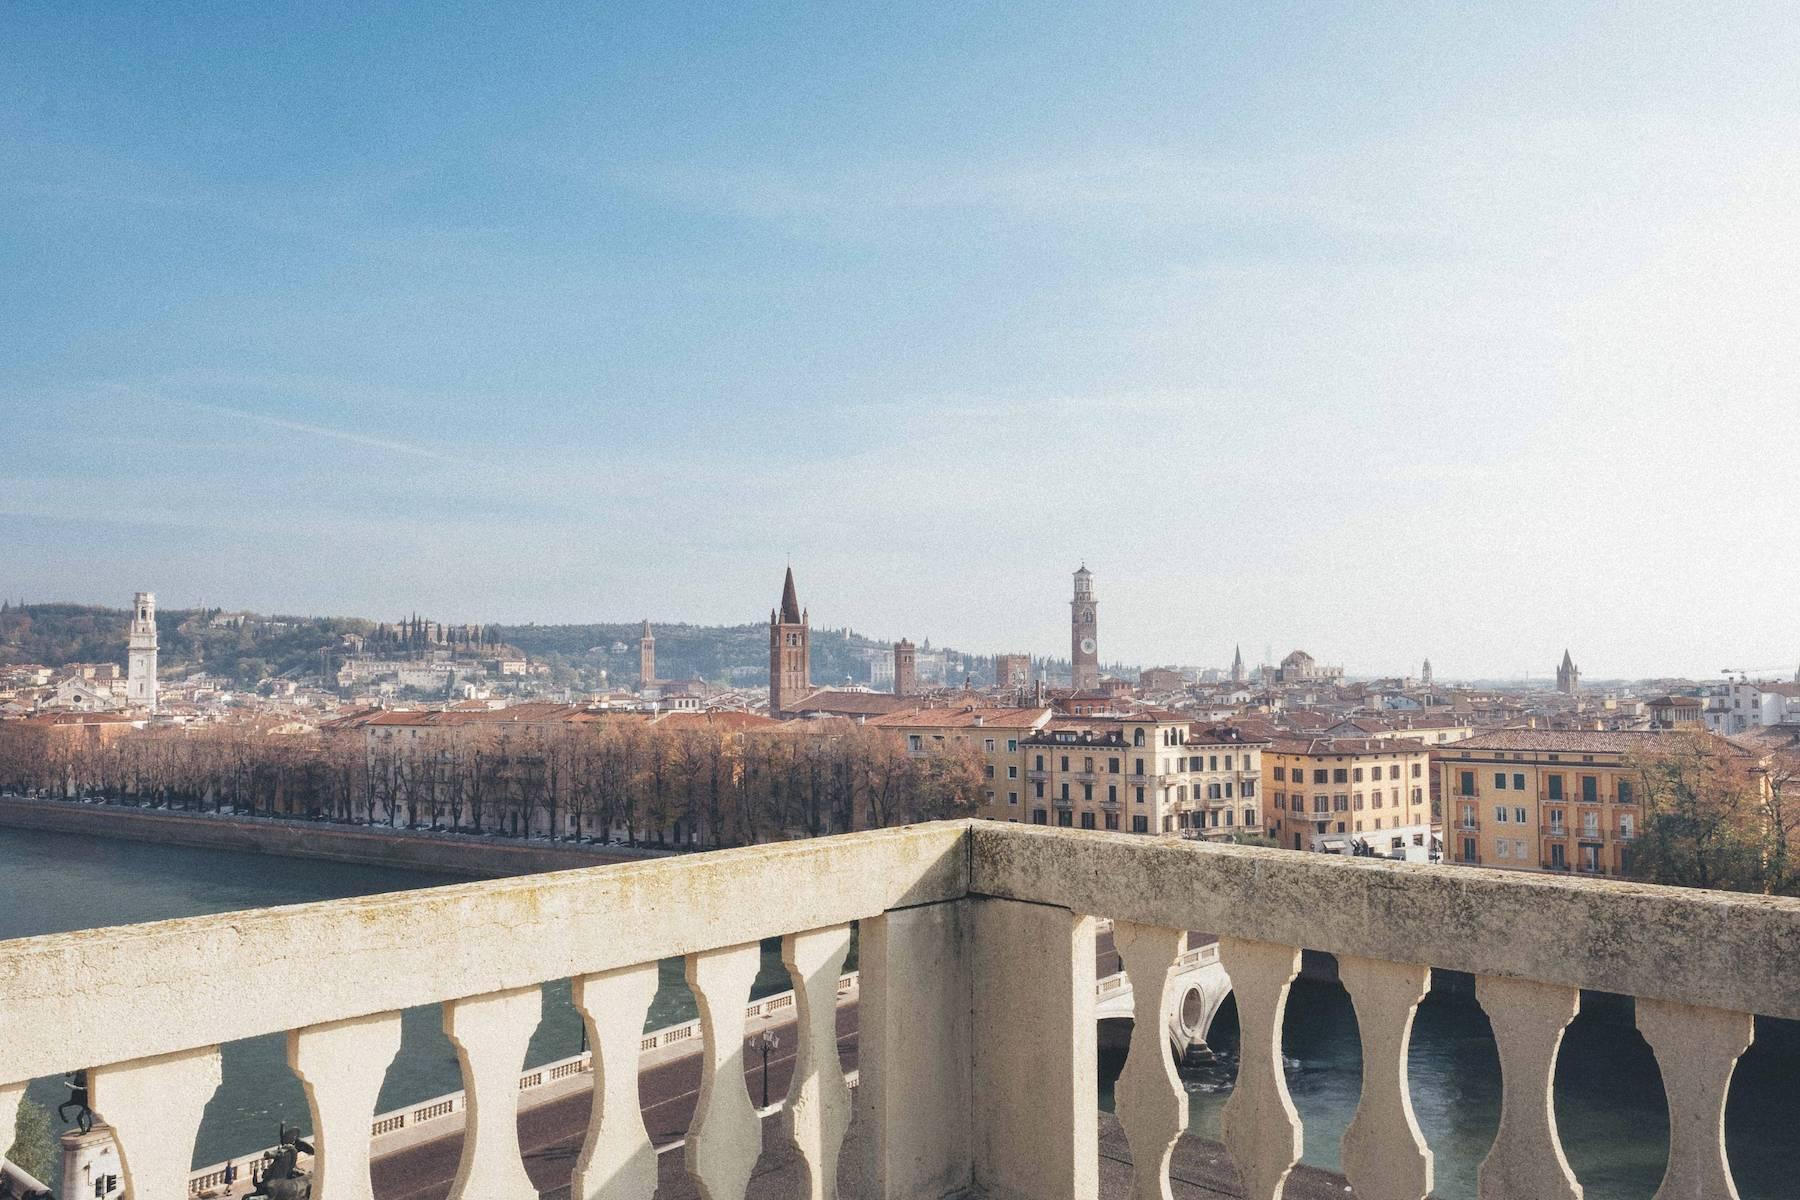 Herrliche Wohnung in einem eleganten historischen Gebäude mit Blick auf den Adige - 1